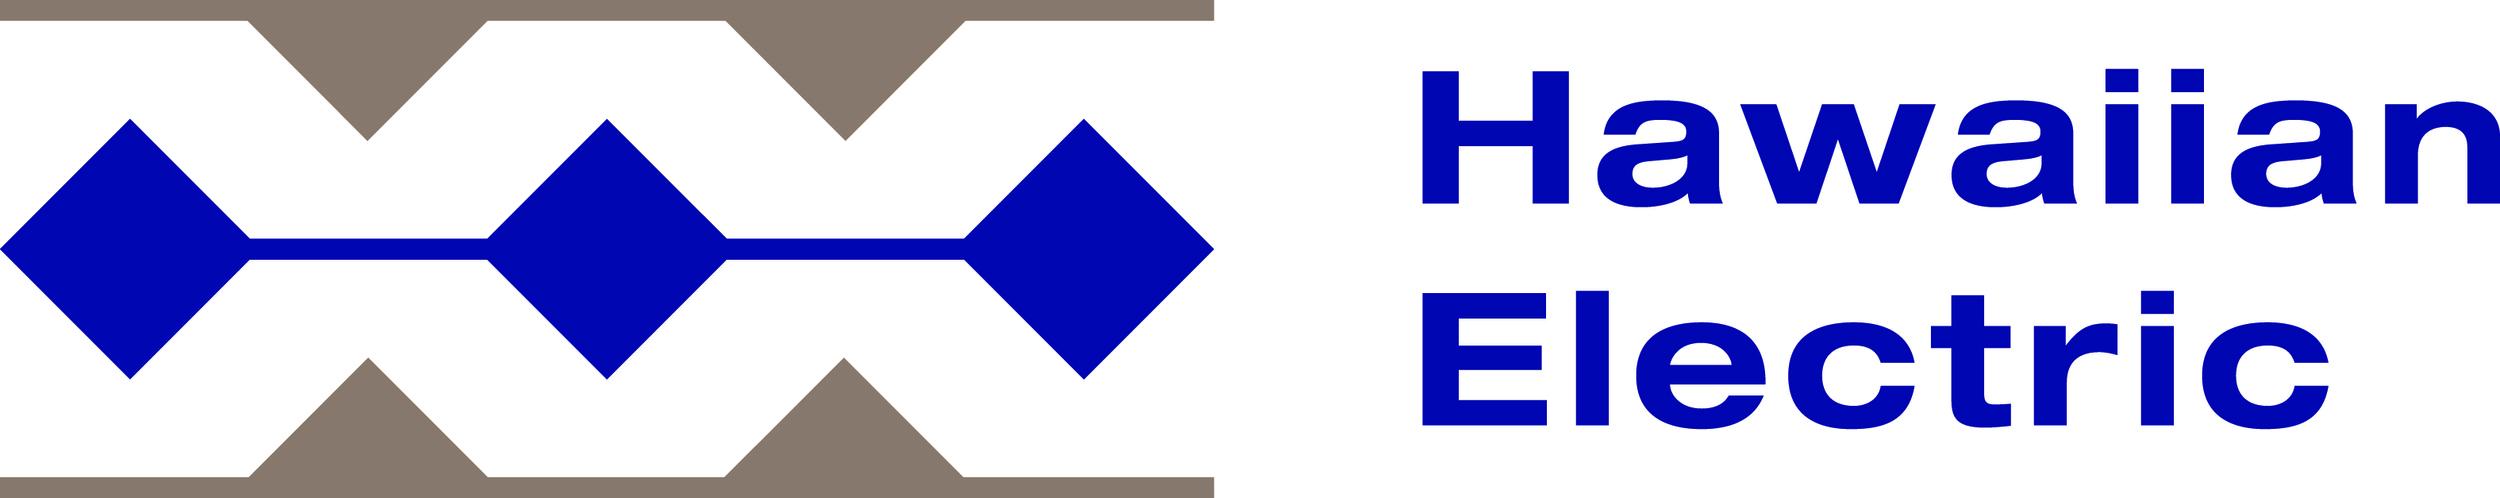 hawaiian_electric_logo1.jpg